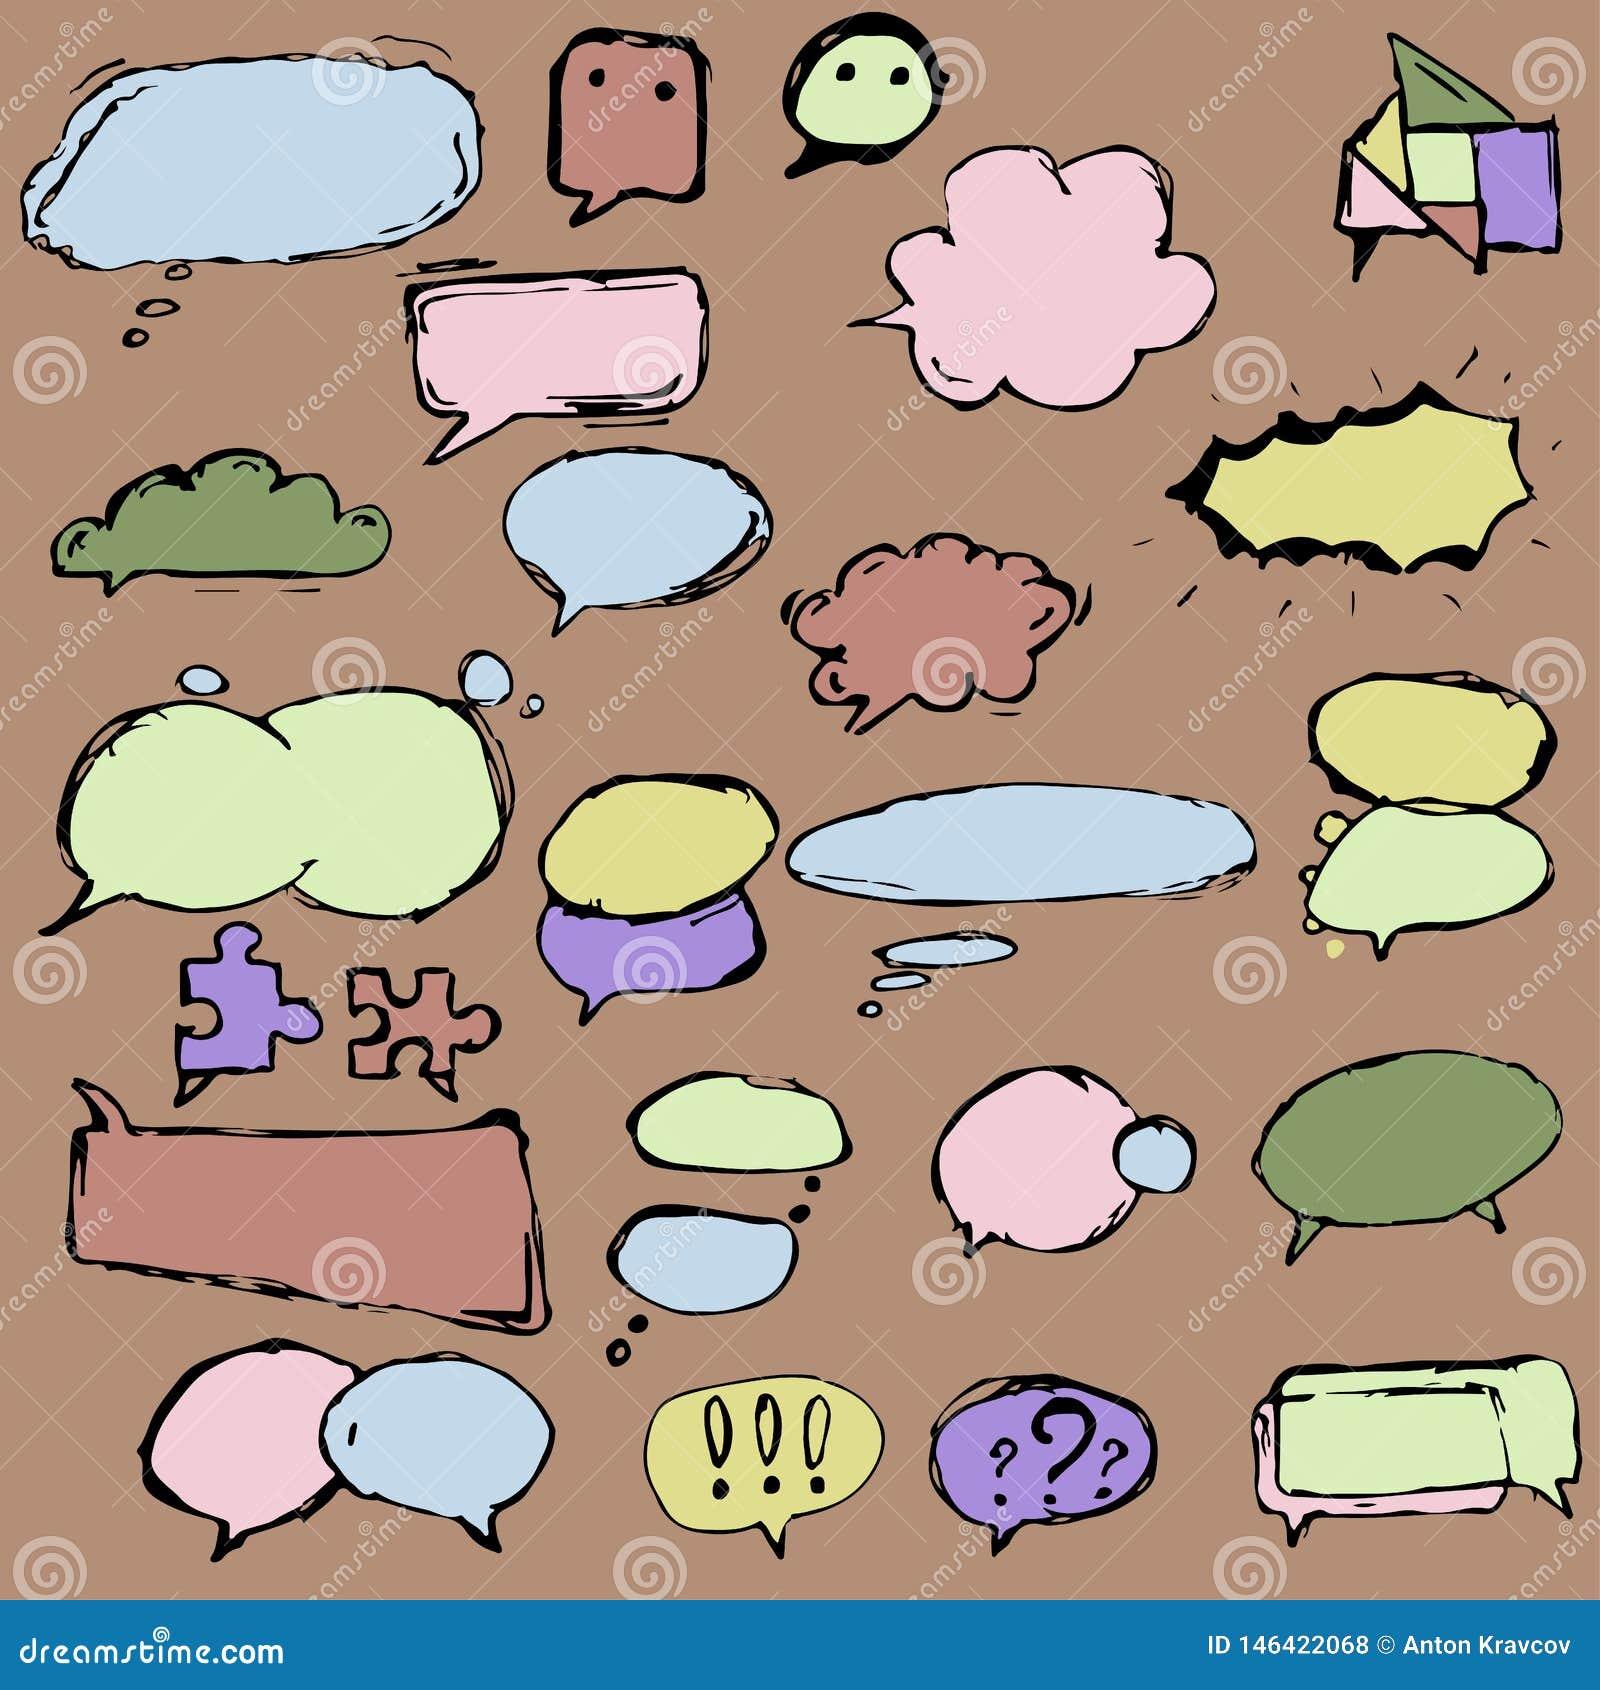 Πλαίσια και μπαλόνια διαλόγου στις διαφορετικές μορφές